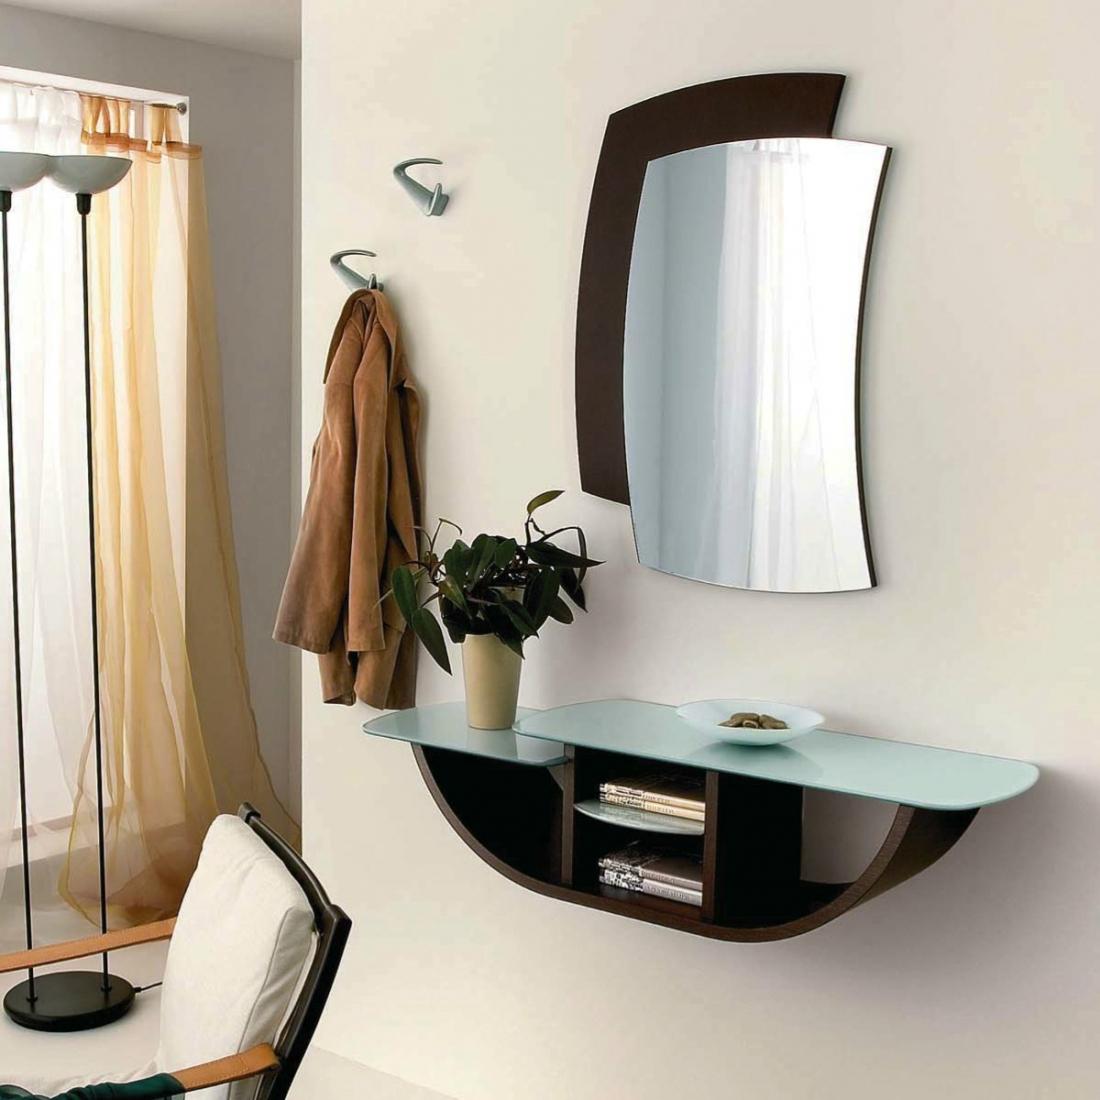 Meubles-D-Entree-Design-Gondola-Zendart-Design - Deco Maison ... serapportantà Meuble D'Entrée Design Italien